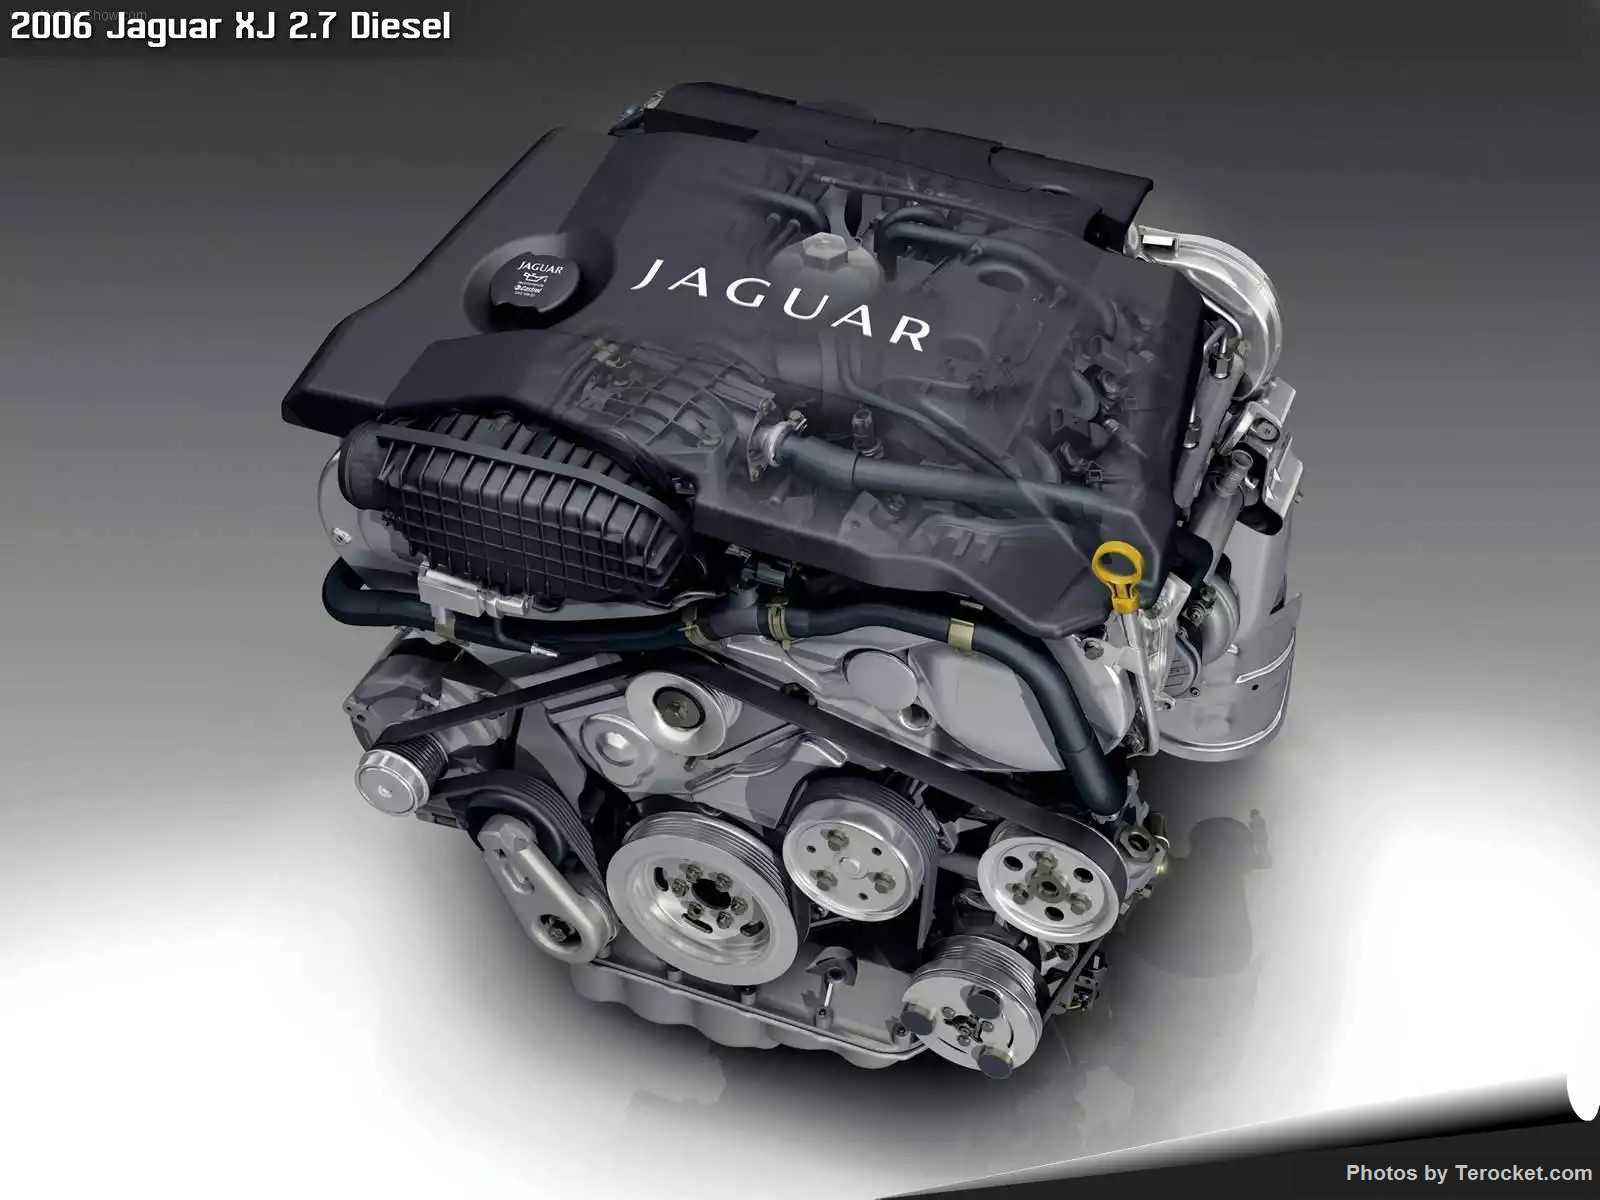 Hình ảnh xe ô tô Jaguar XJ 2.7 Diesel 2006 & nội ngoại thất